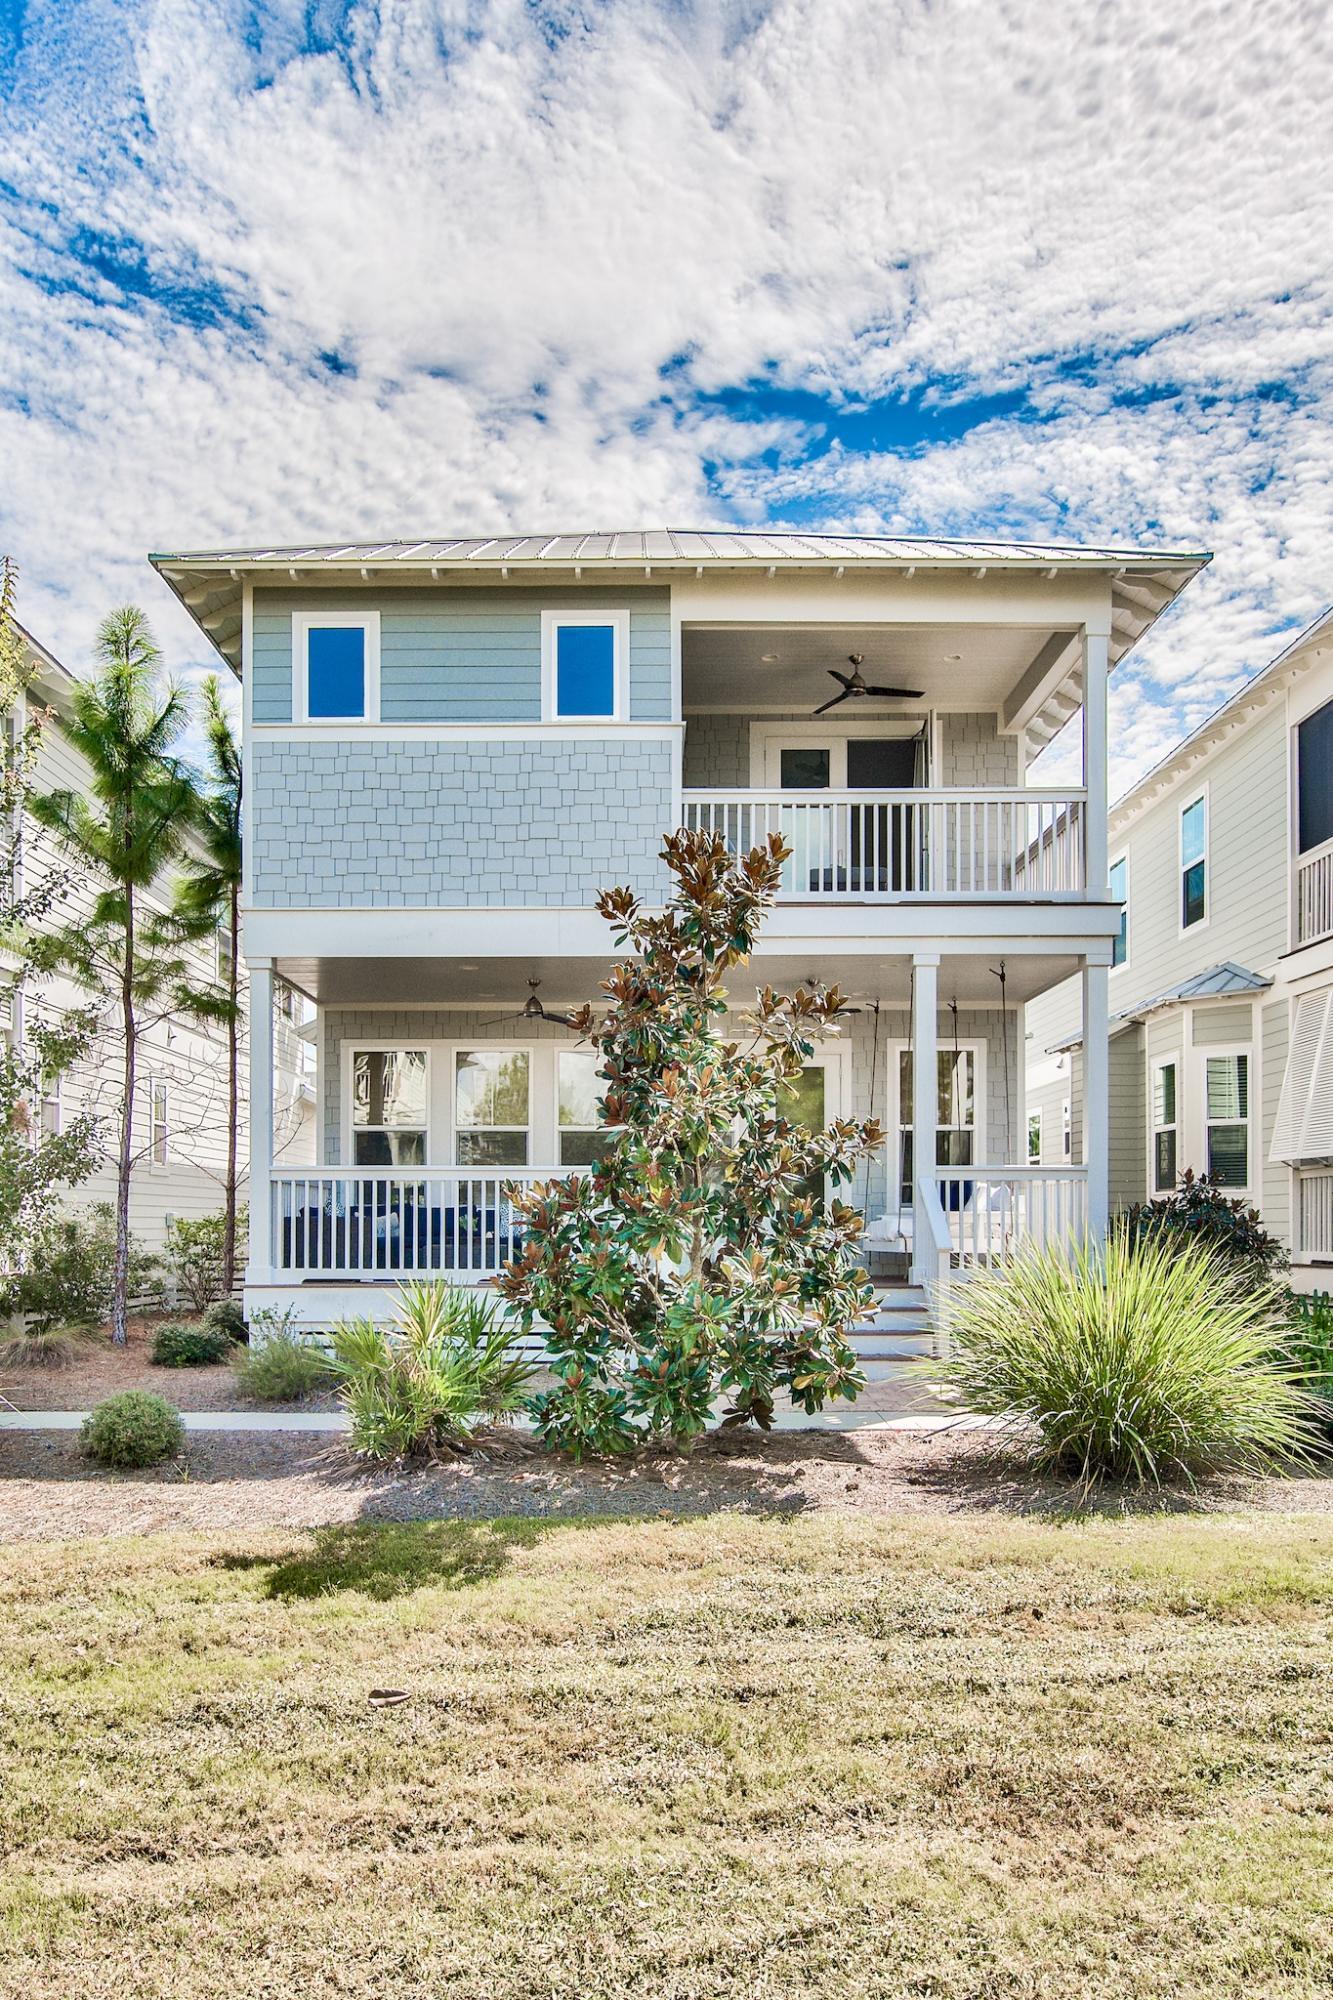 Photo of home for sale at 21 Chordgrass, Santa Rosa Beach FL